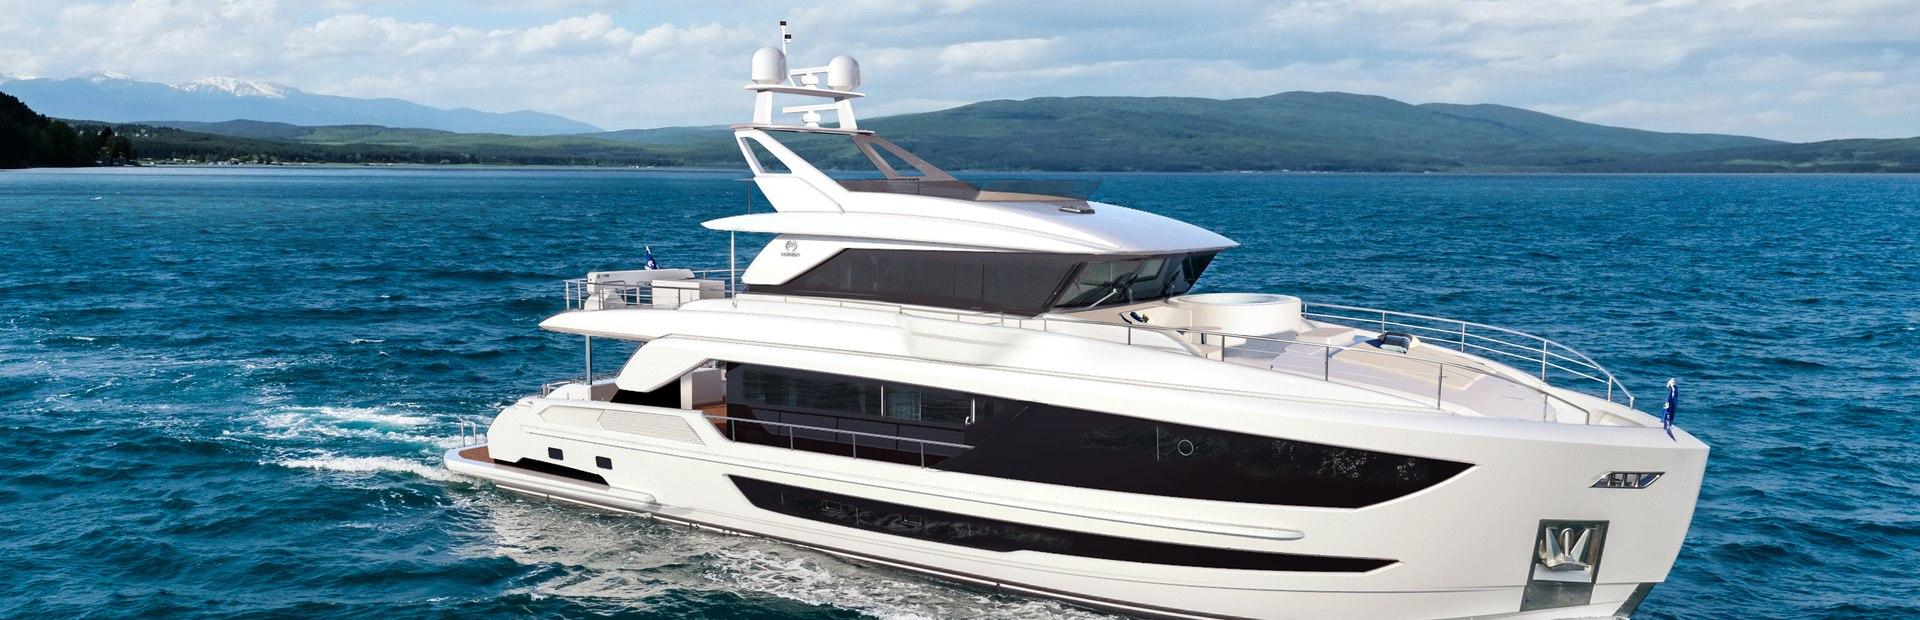 FD92 Tri deck Yacht Charter